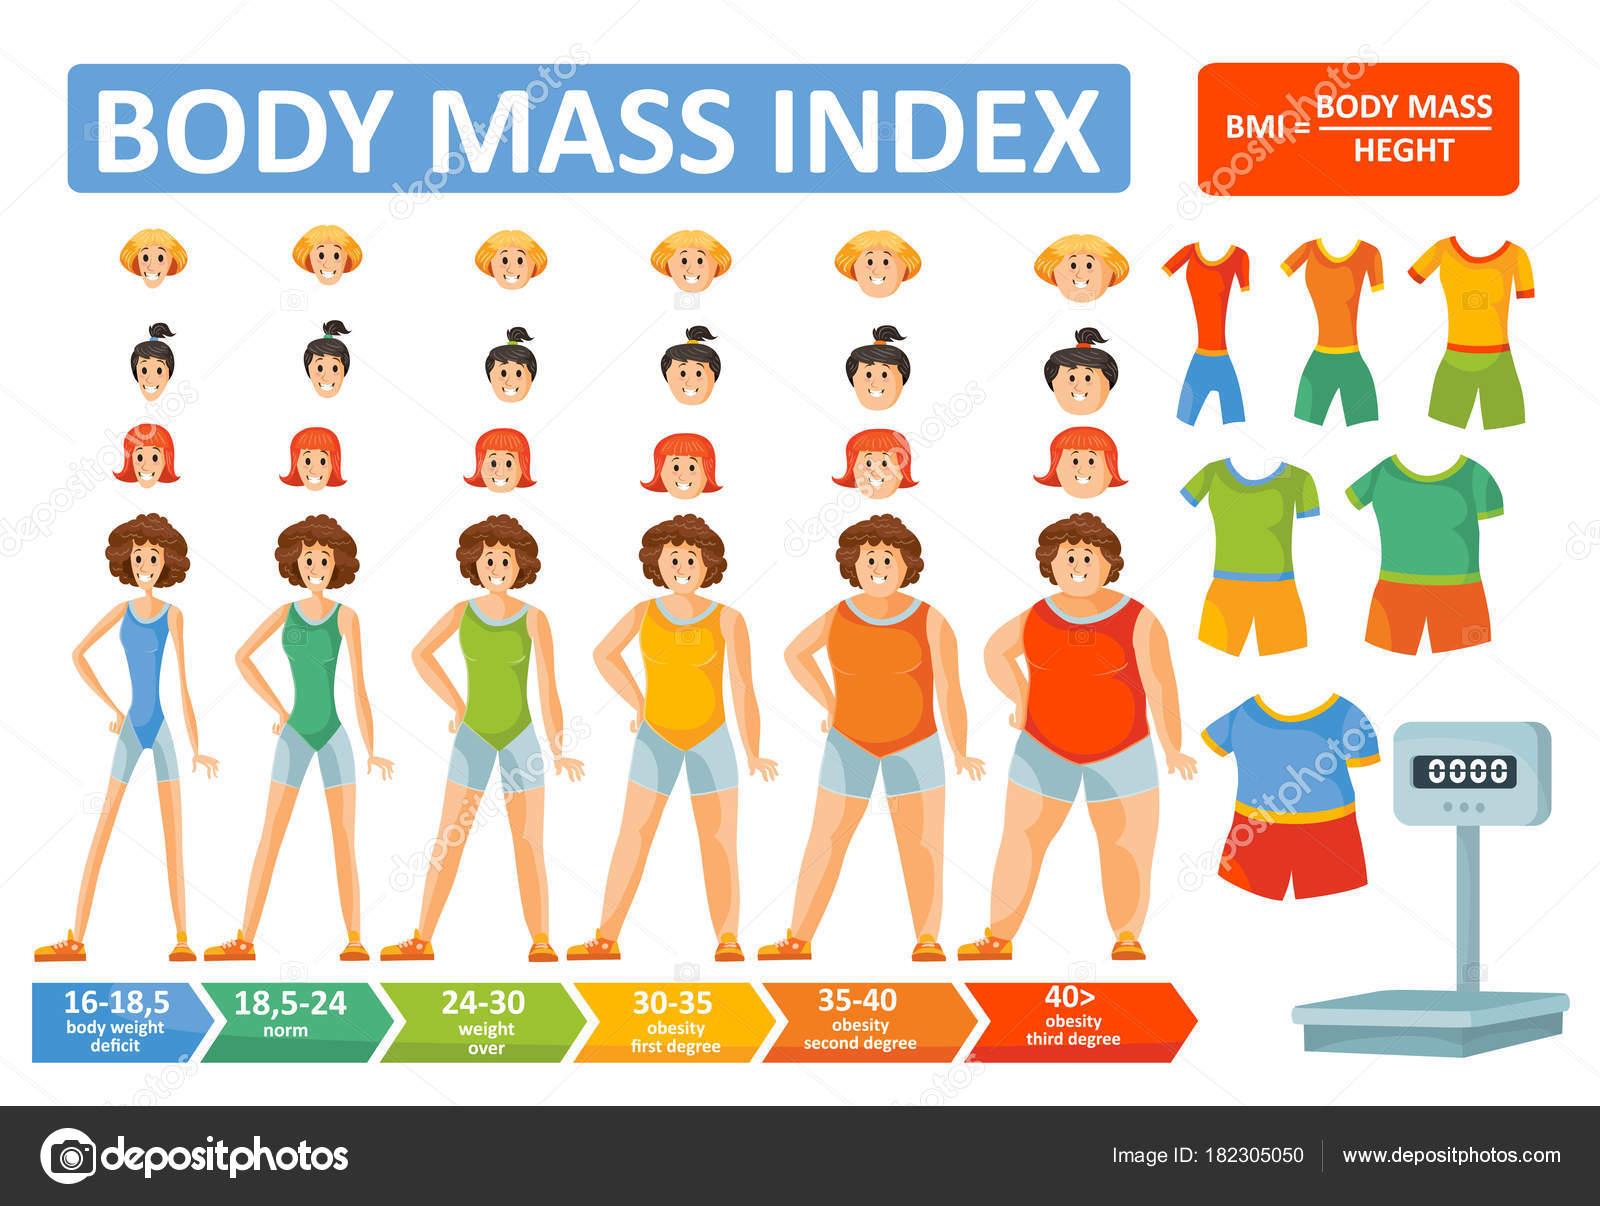 Kadınlar ve erkekler için vücut kitle indeksi